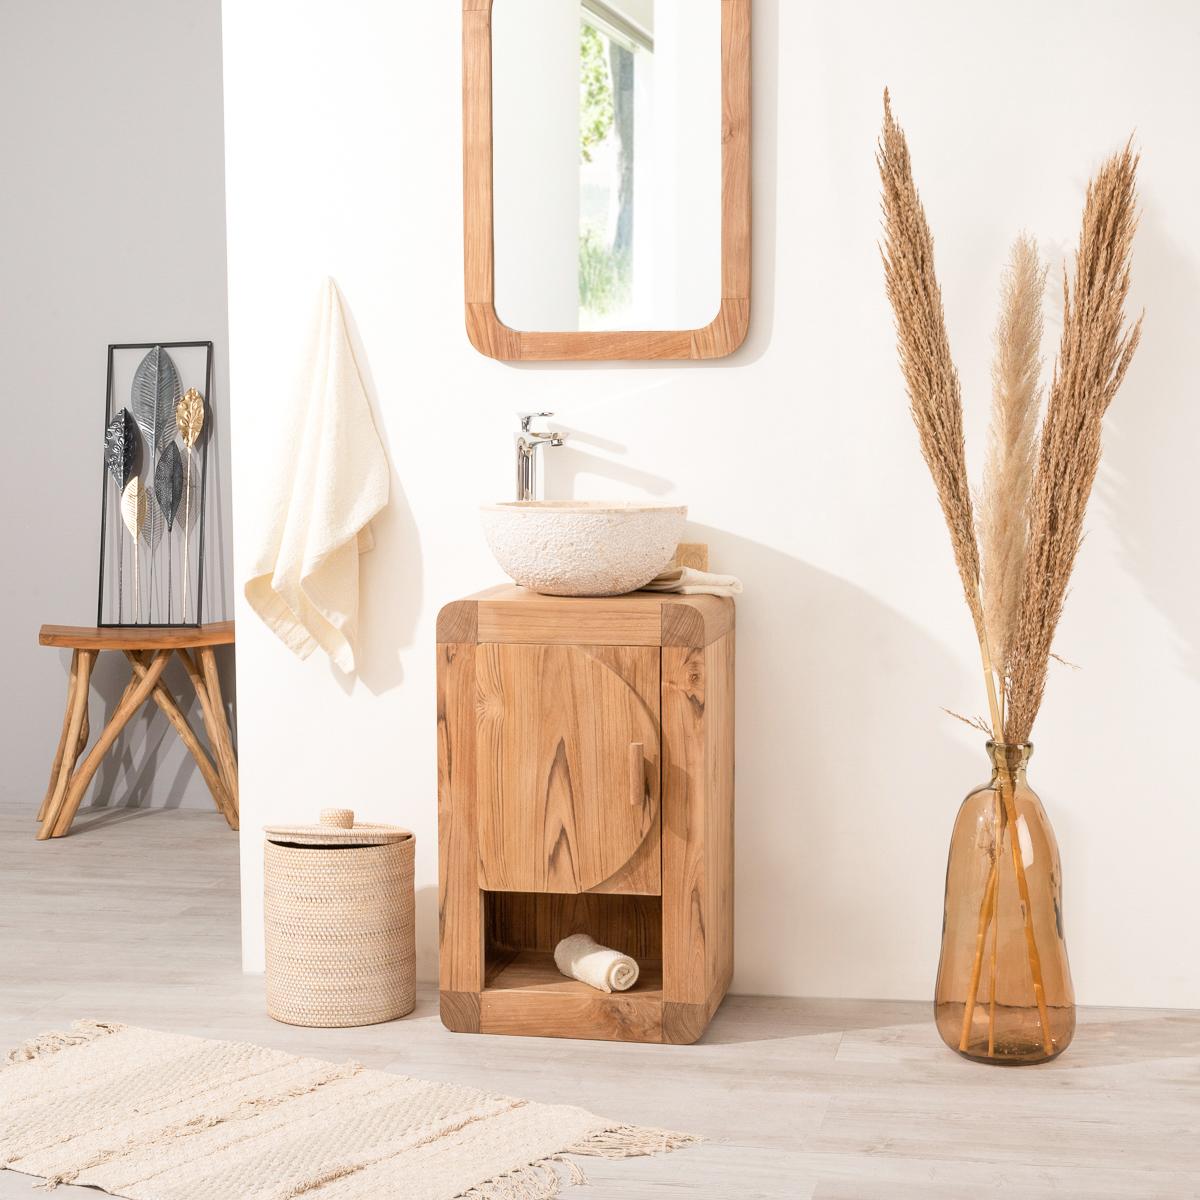 meuble sous vasque simple vasque en bois teck massif contemporain rectangle naturel l. Black Bedroom Furniture Sets. Home Design Ideas